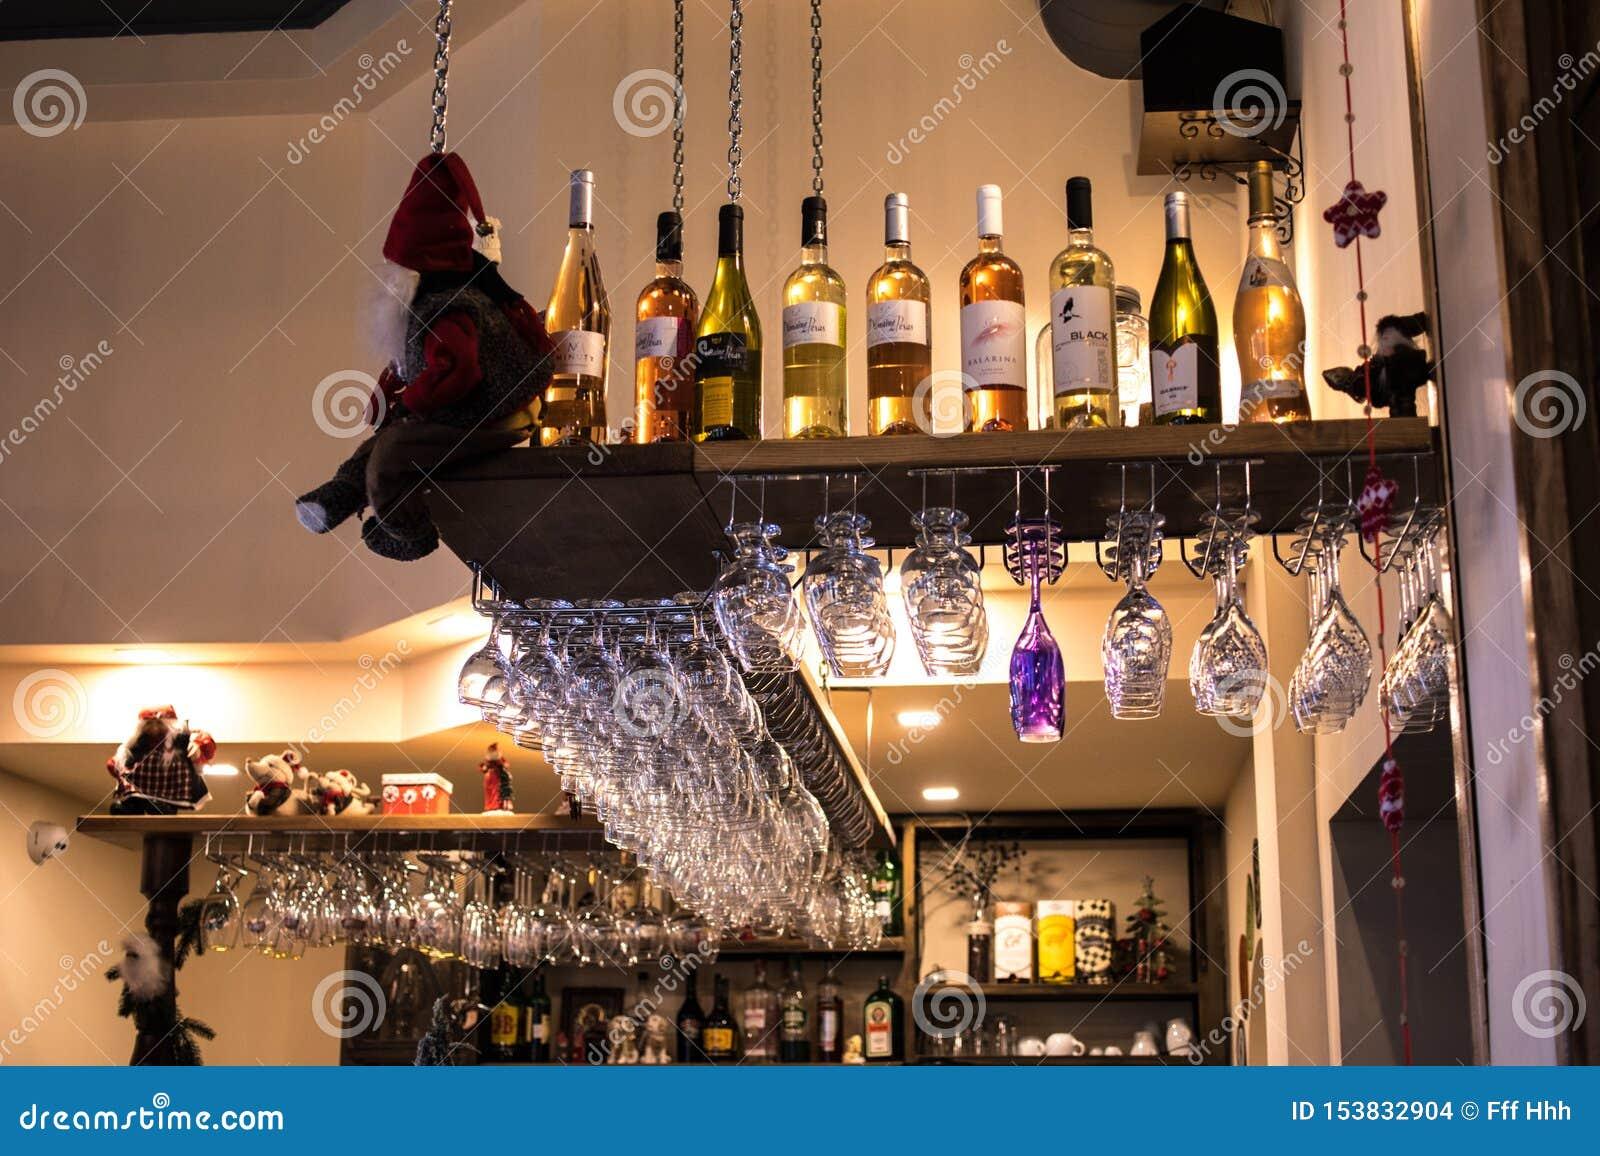 Invitation d une abondance de boissons